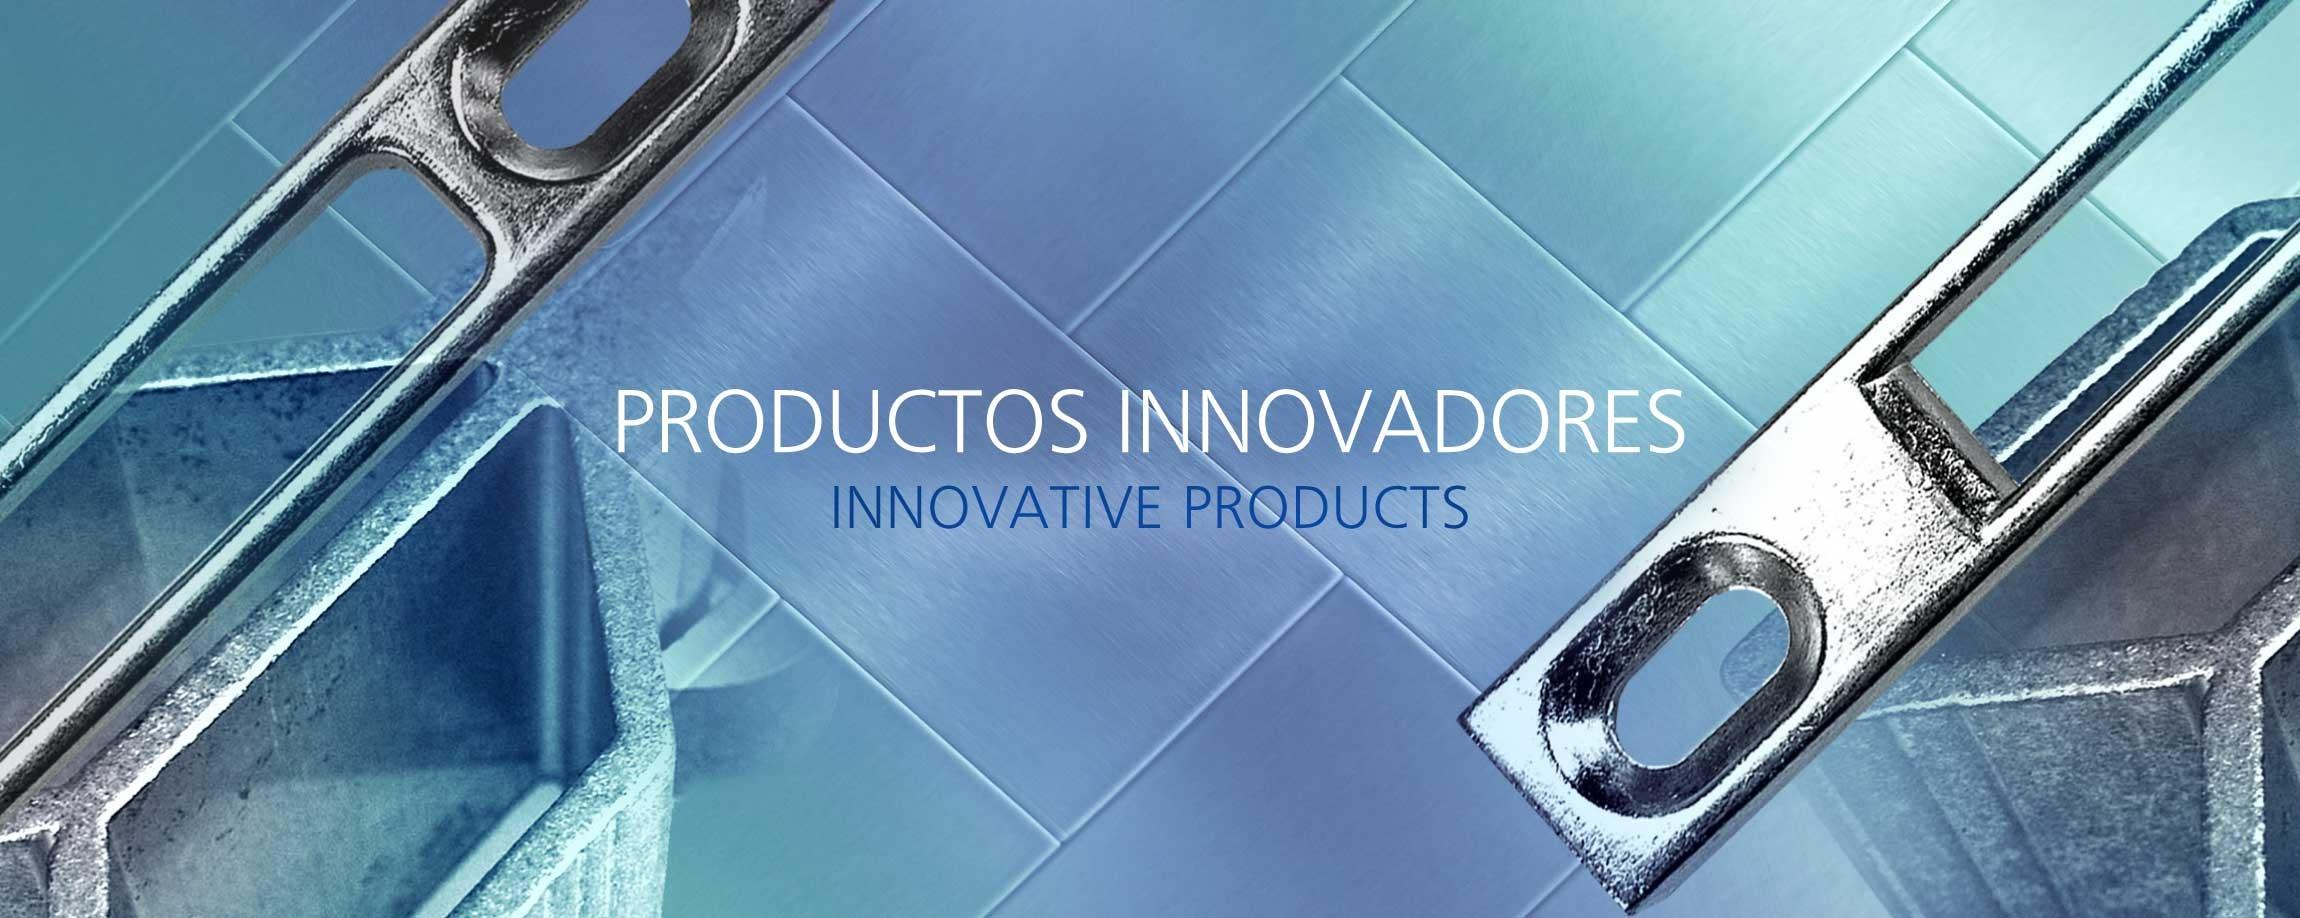 Jopesa innovación